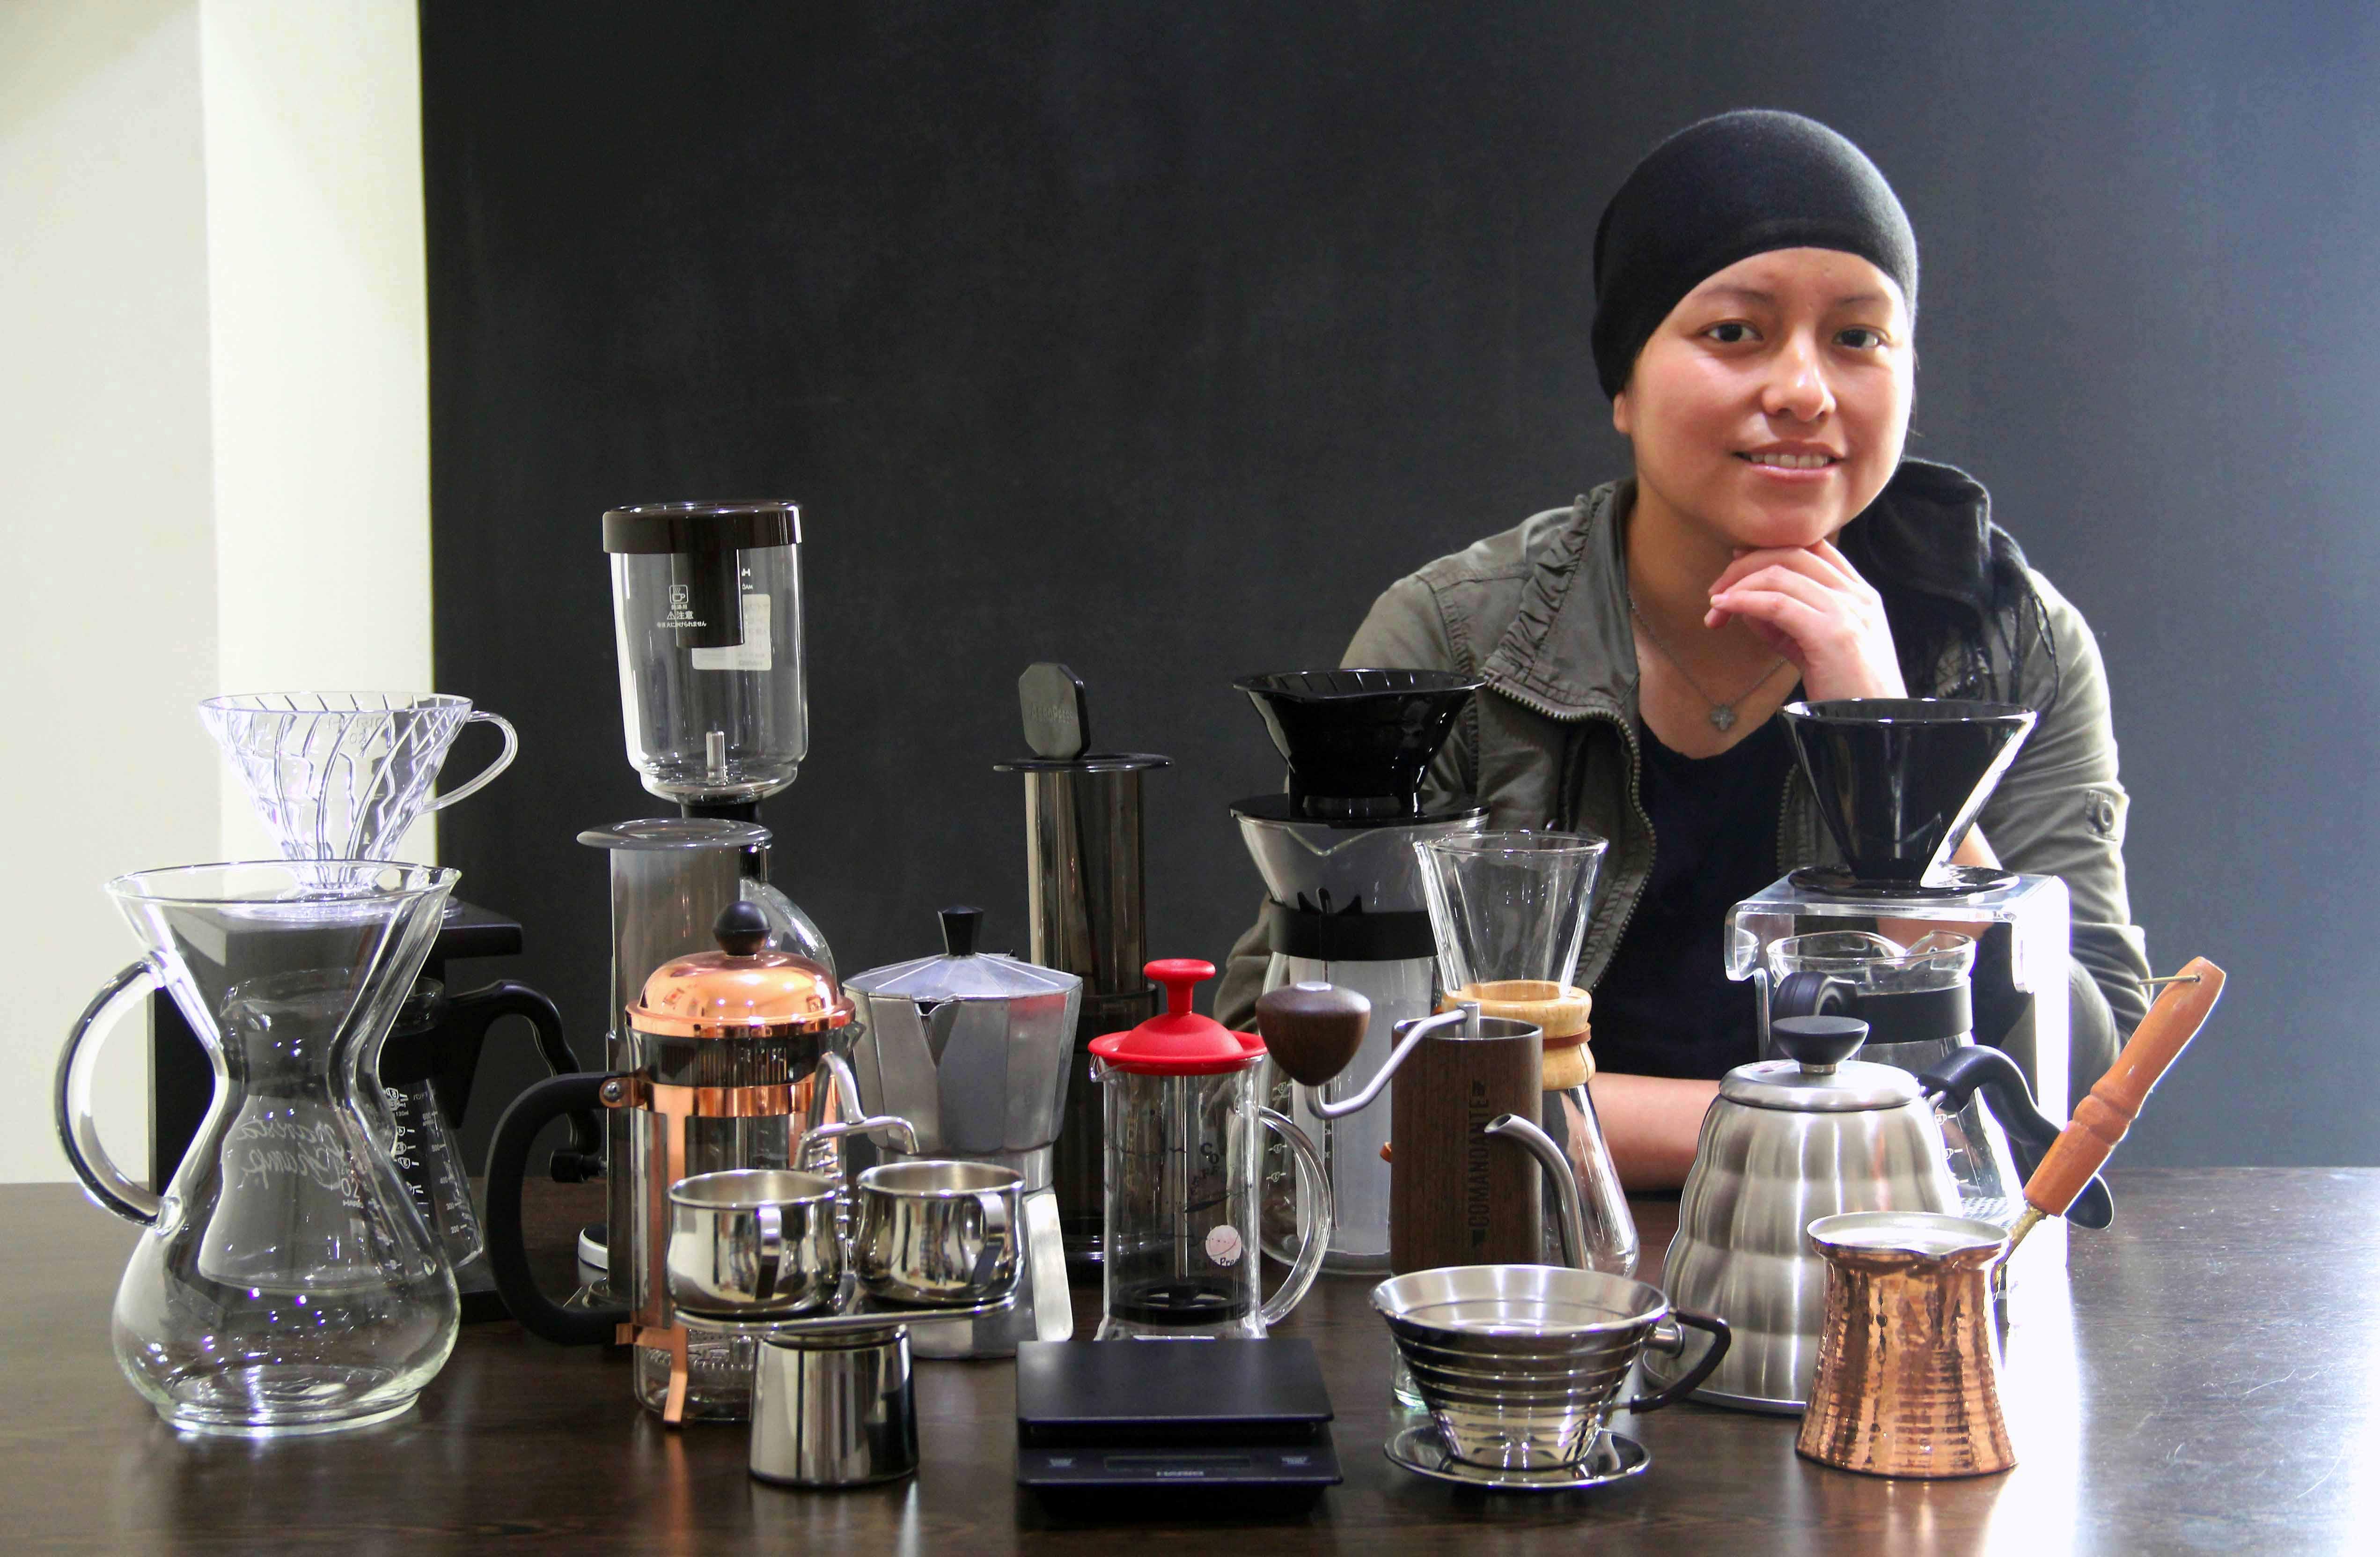 Métodos para extraer café según una de las mejores baristas del país